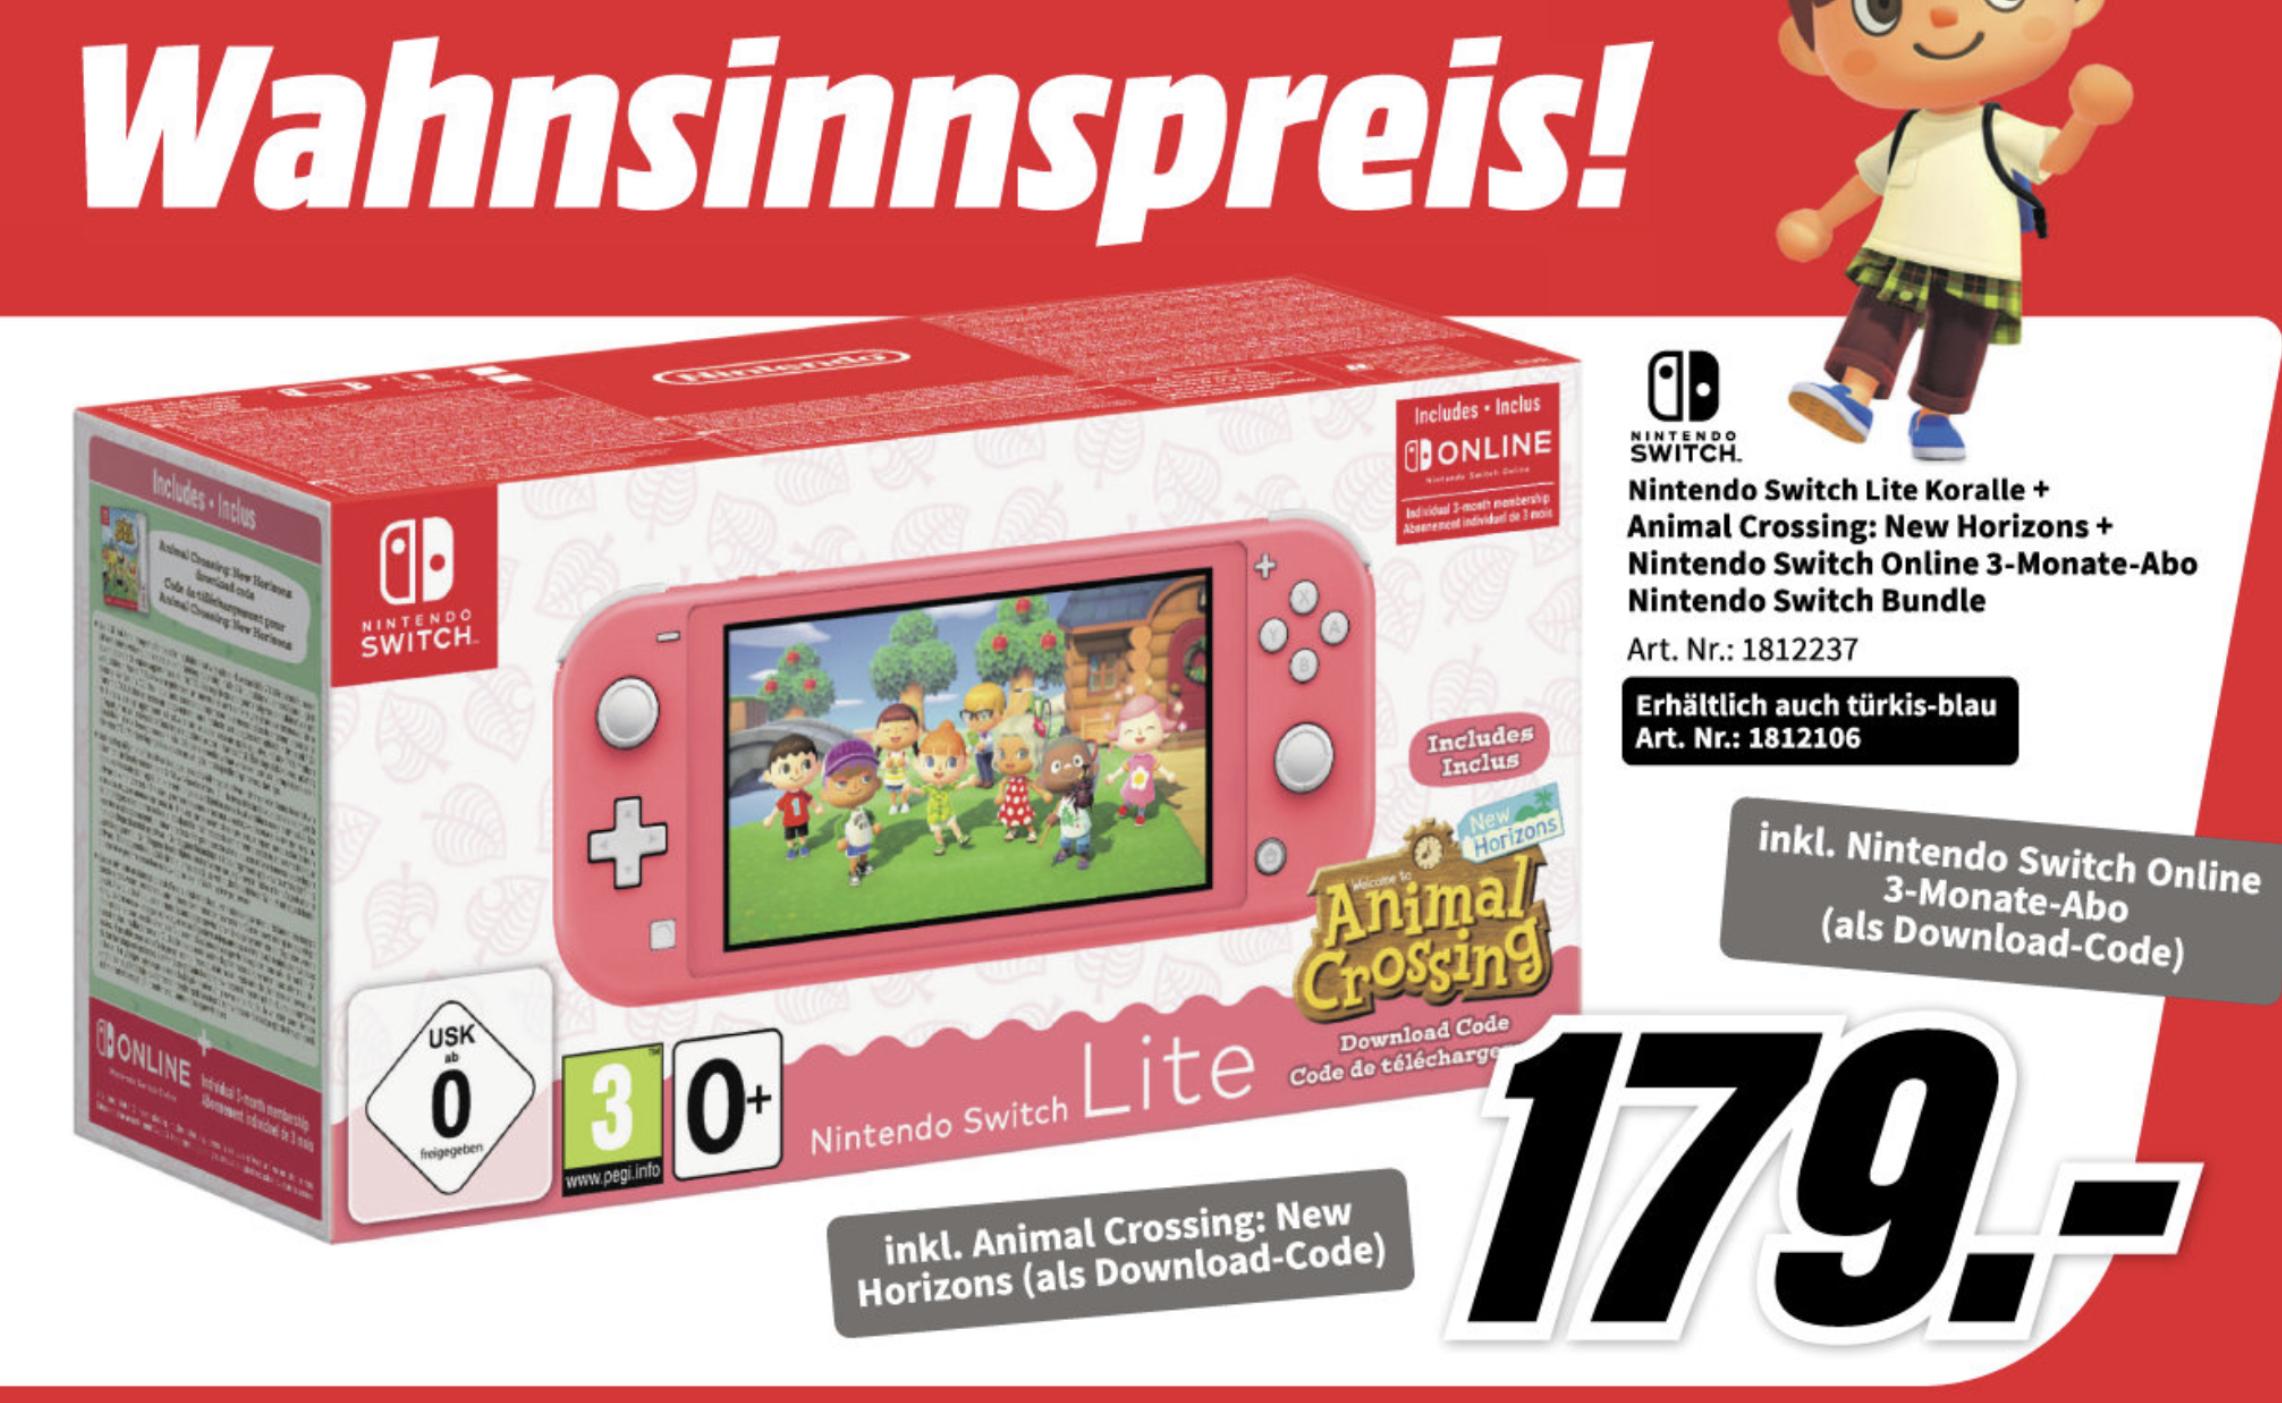 NINTENDO Switch Lite inkl. Animal Crossing und 3 Monate Switch Online Mitgliedschaft Türkis o. Koralle 171,99€ + 10€ Versandkosten D-A-Packs